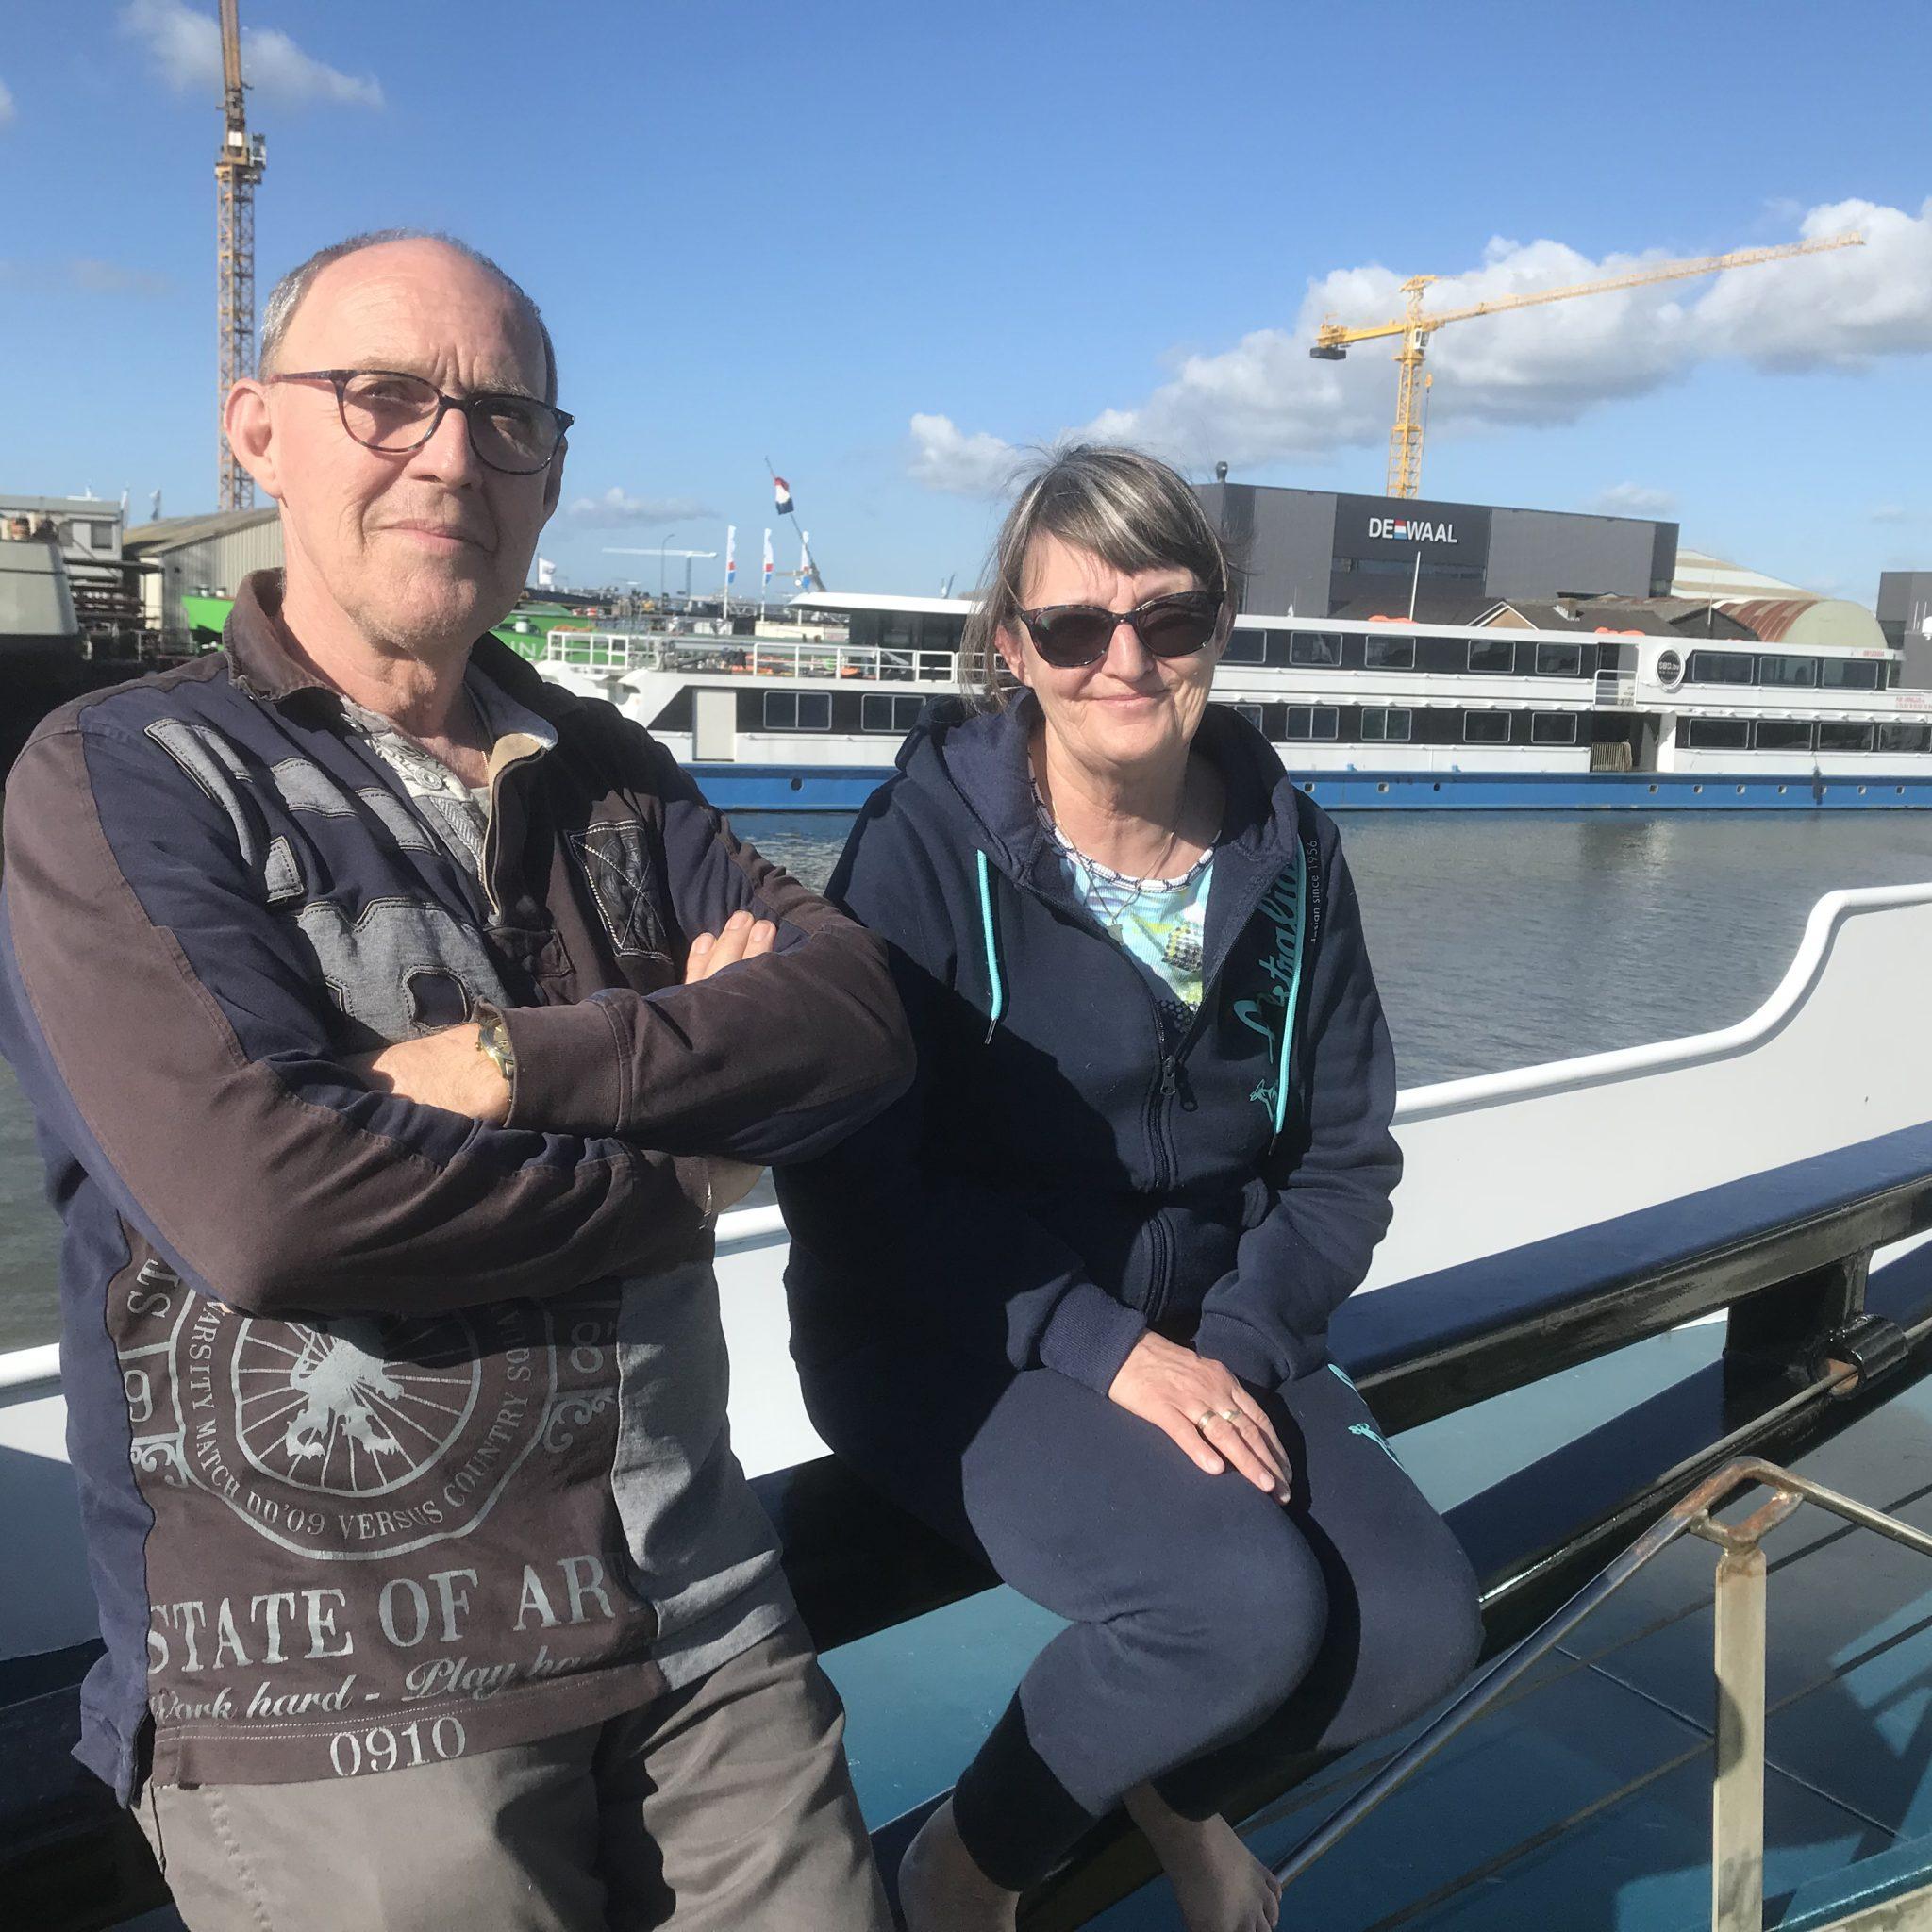 Corstiaan en Betsy Heijns: 'Straks gaan we elk jaar overwinteren in een warm land.' Foto Hannie Visser-Kieboom